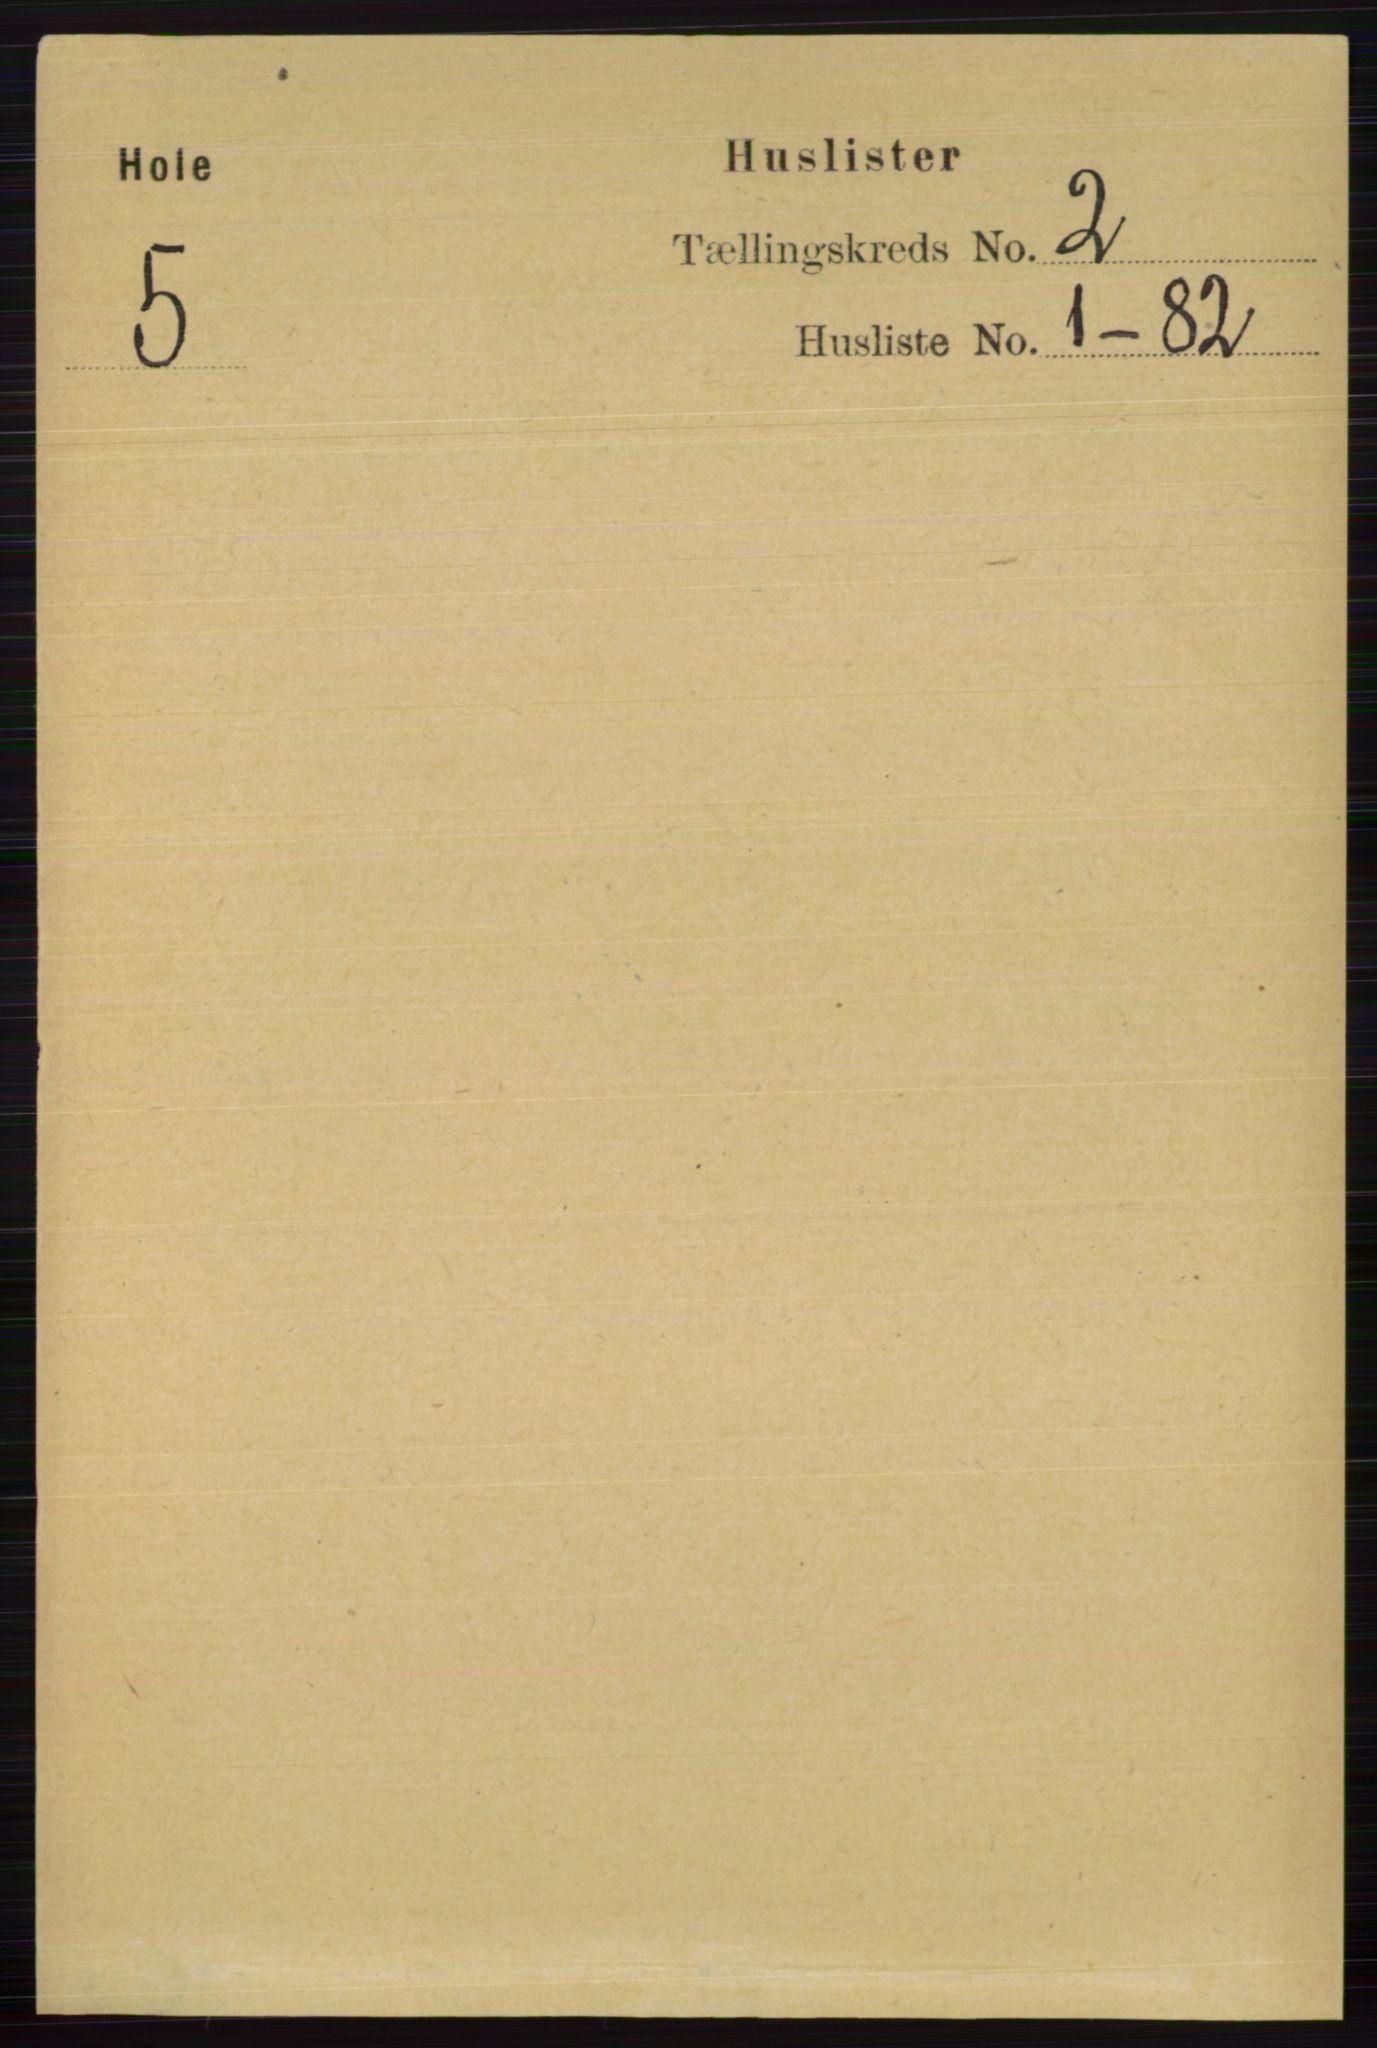 RA, Folketelling 1891 for 0612 Hole herred, 1891, s. 652